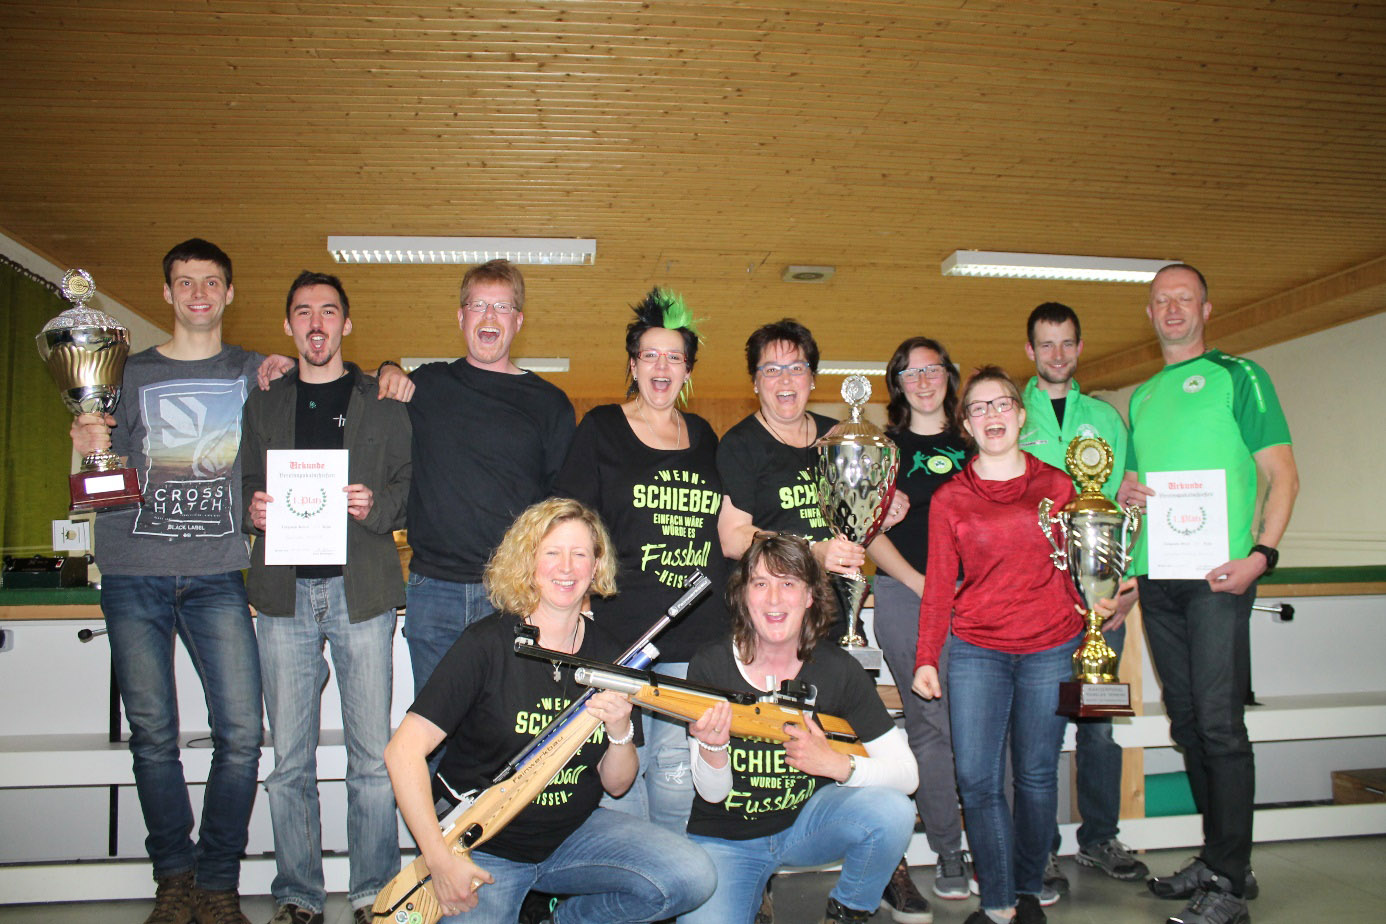 Feuerwehr Kemel gewinnt erneut den Mannschaftspokal beim Vereinspokalschießen der Kemeler Vereine